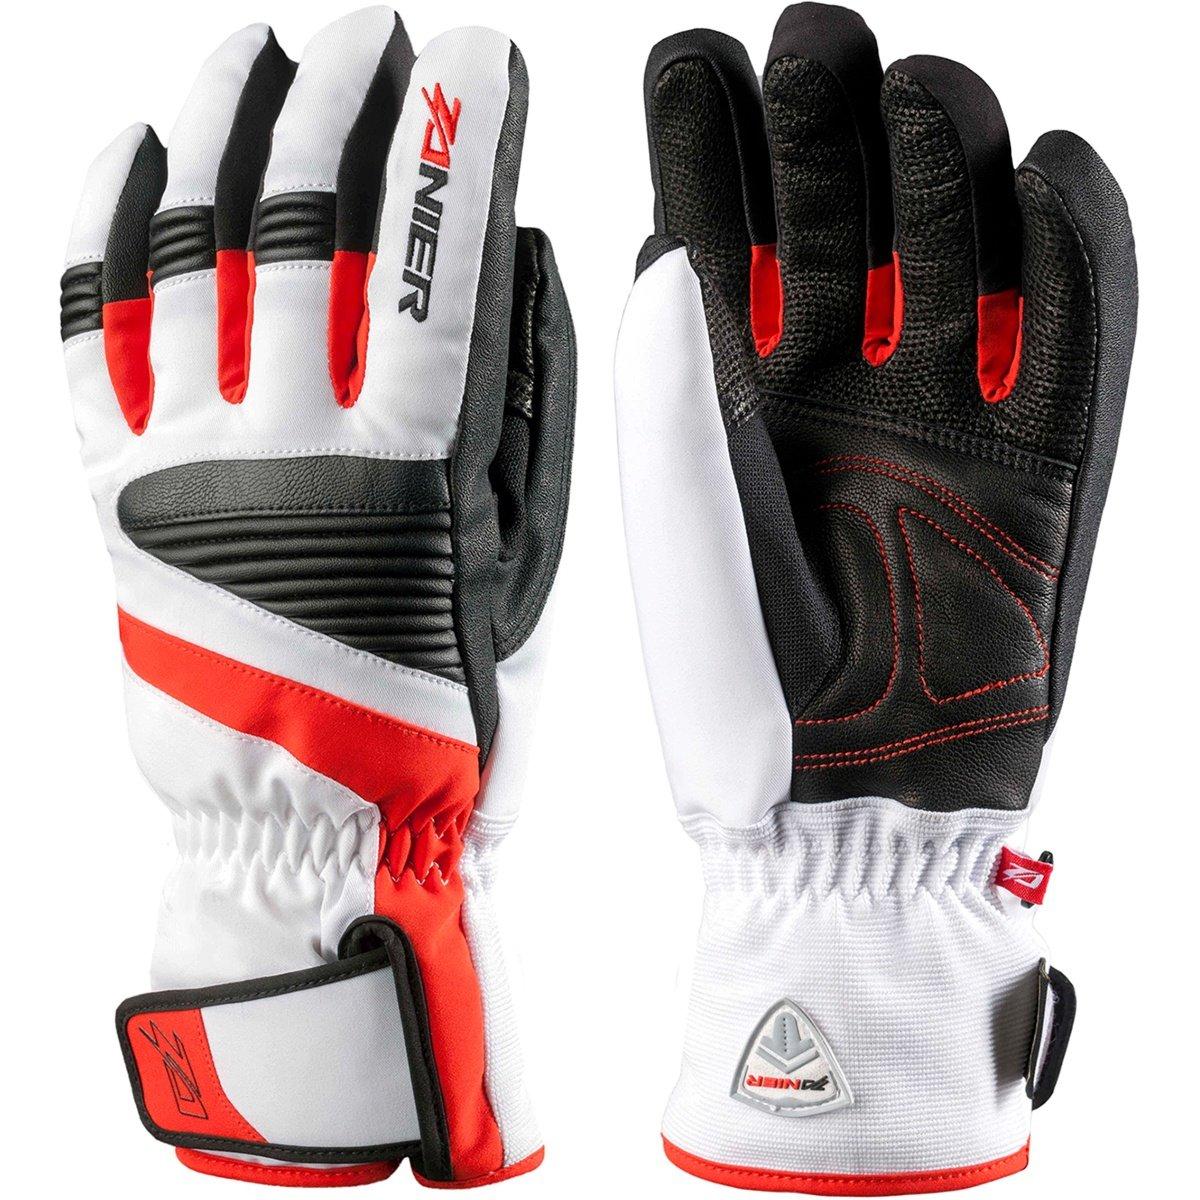 Zanier Gloves Herren jerzens GTX Handschuhe skihandschuhe fingerhandschuhe